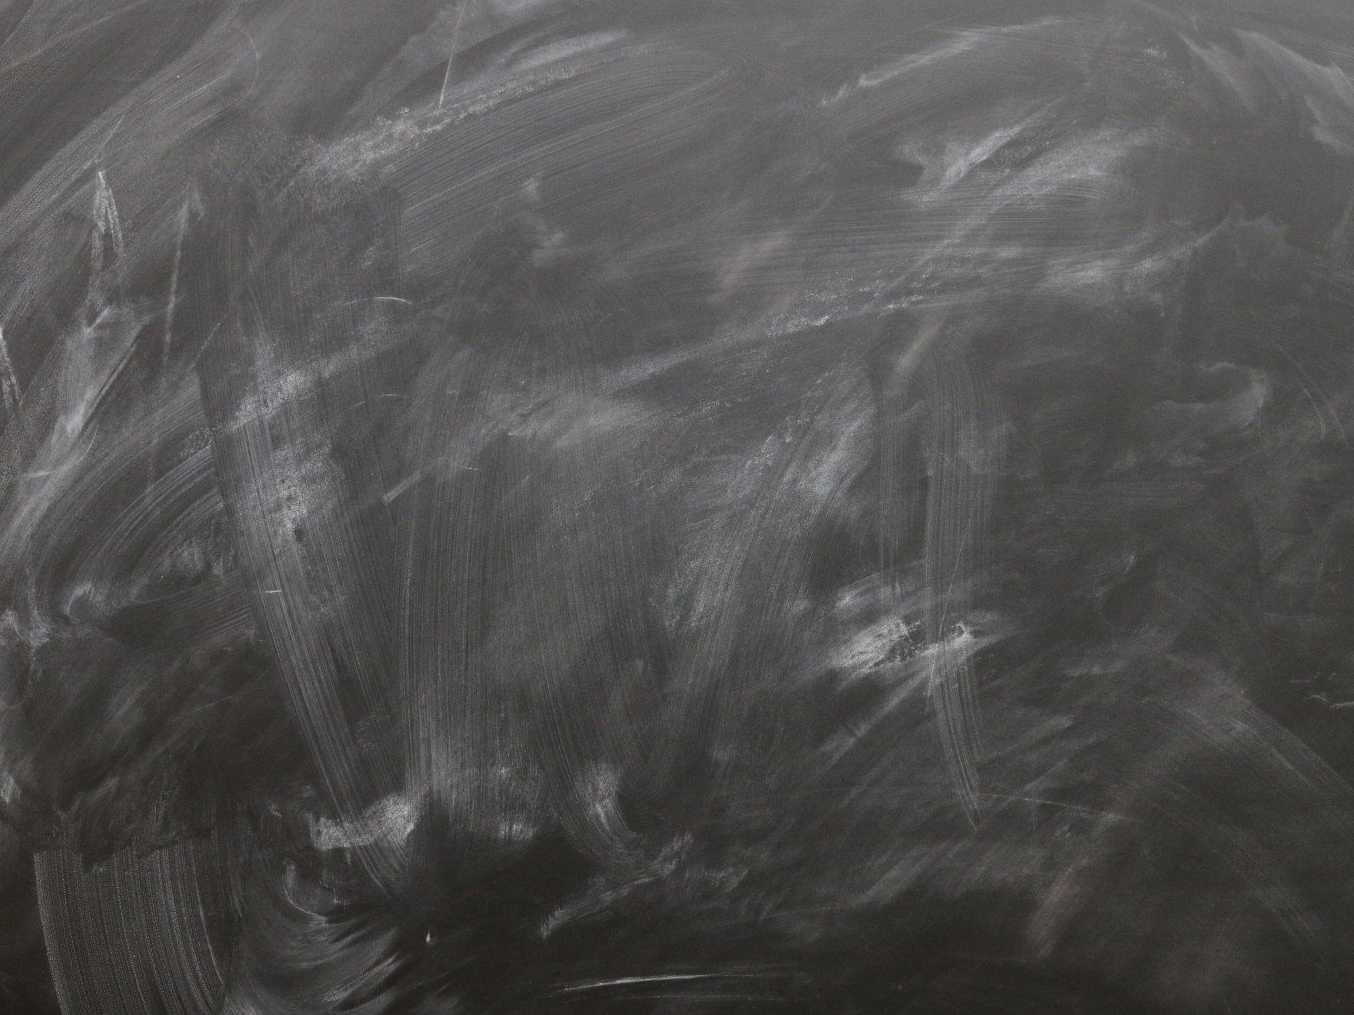 教師=聖職論」は誰のため? (2019年11月17日) - エキサイトニュース(2/2)